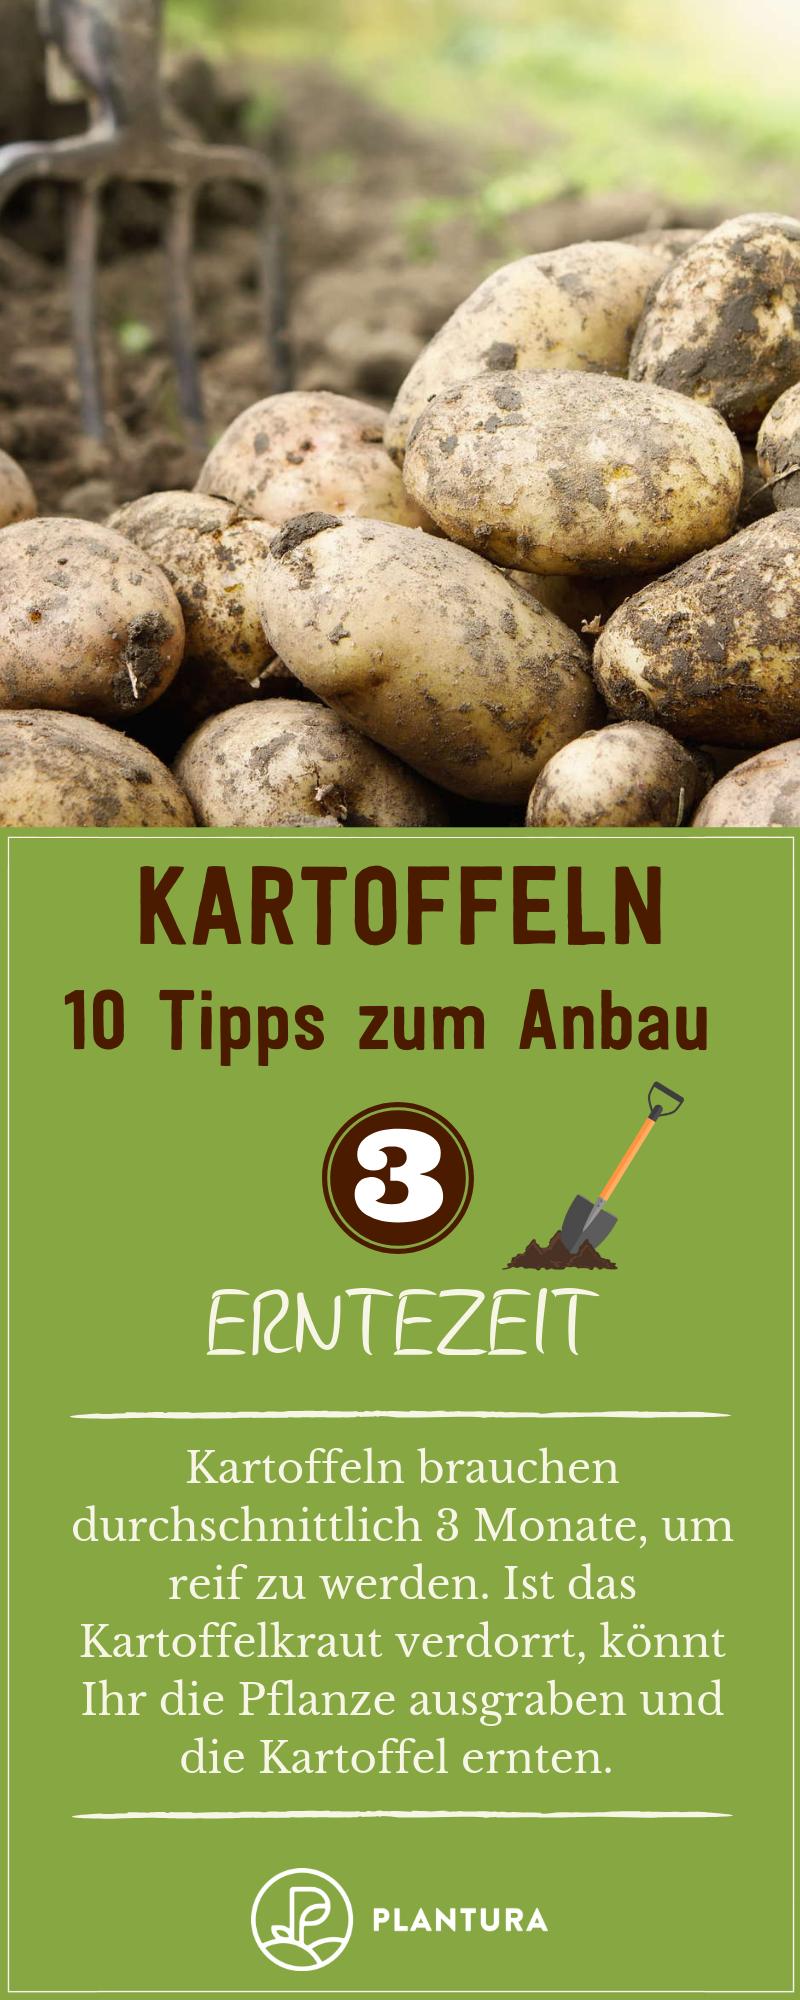 10 Tipps Fur Den Kartoffelanbau Im Eigenen Garten Plantura Erntezeit Kartoffelanbau Ernte